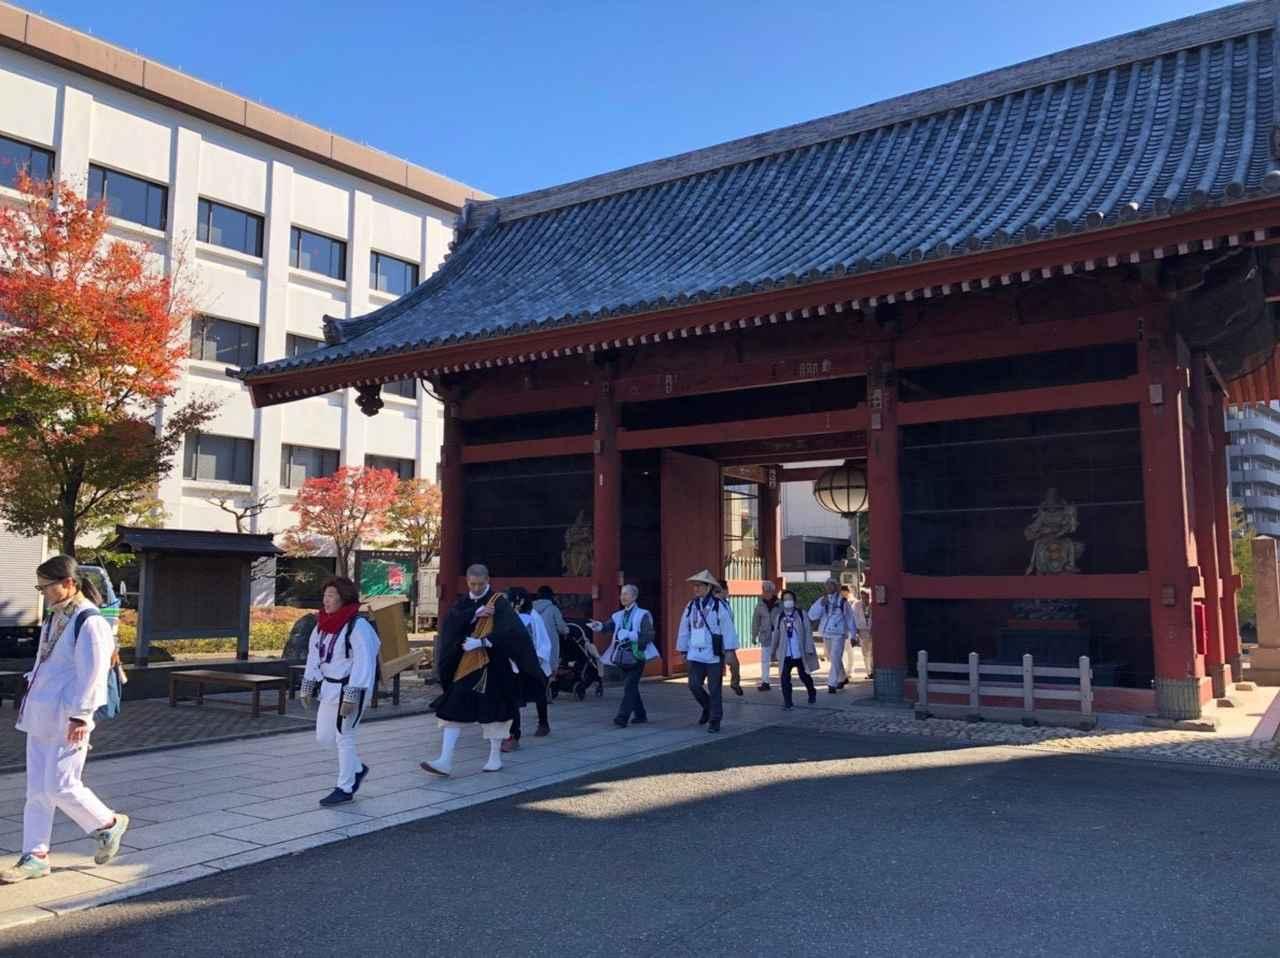 画像: 護国寺(東京)を出発! からっと晴れたいいお天気でした♪